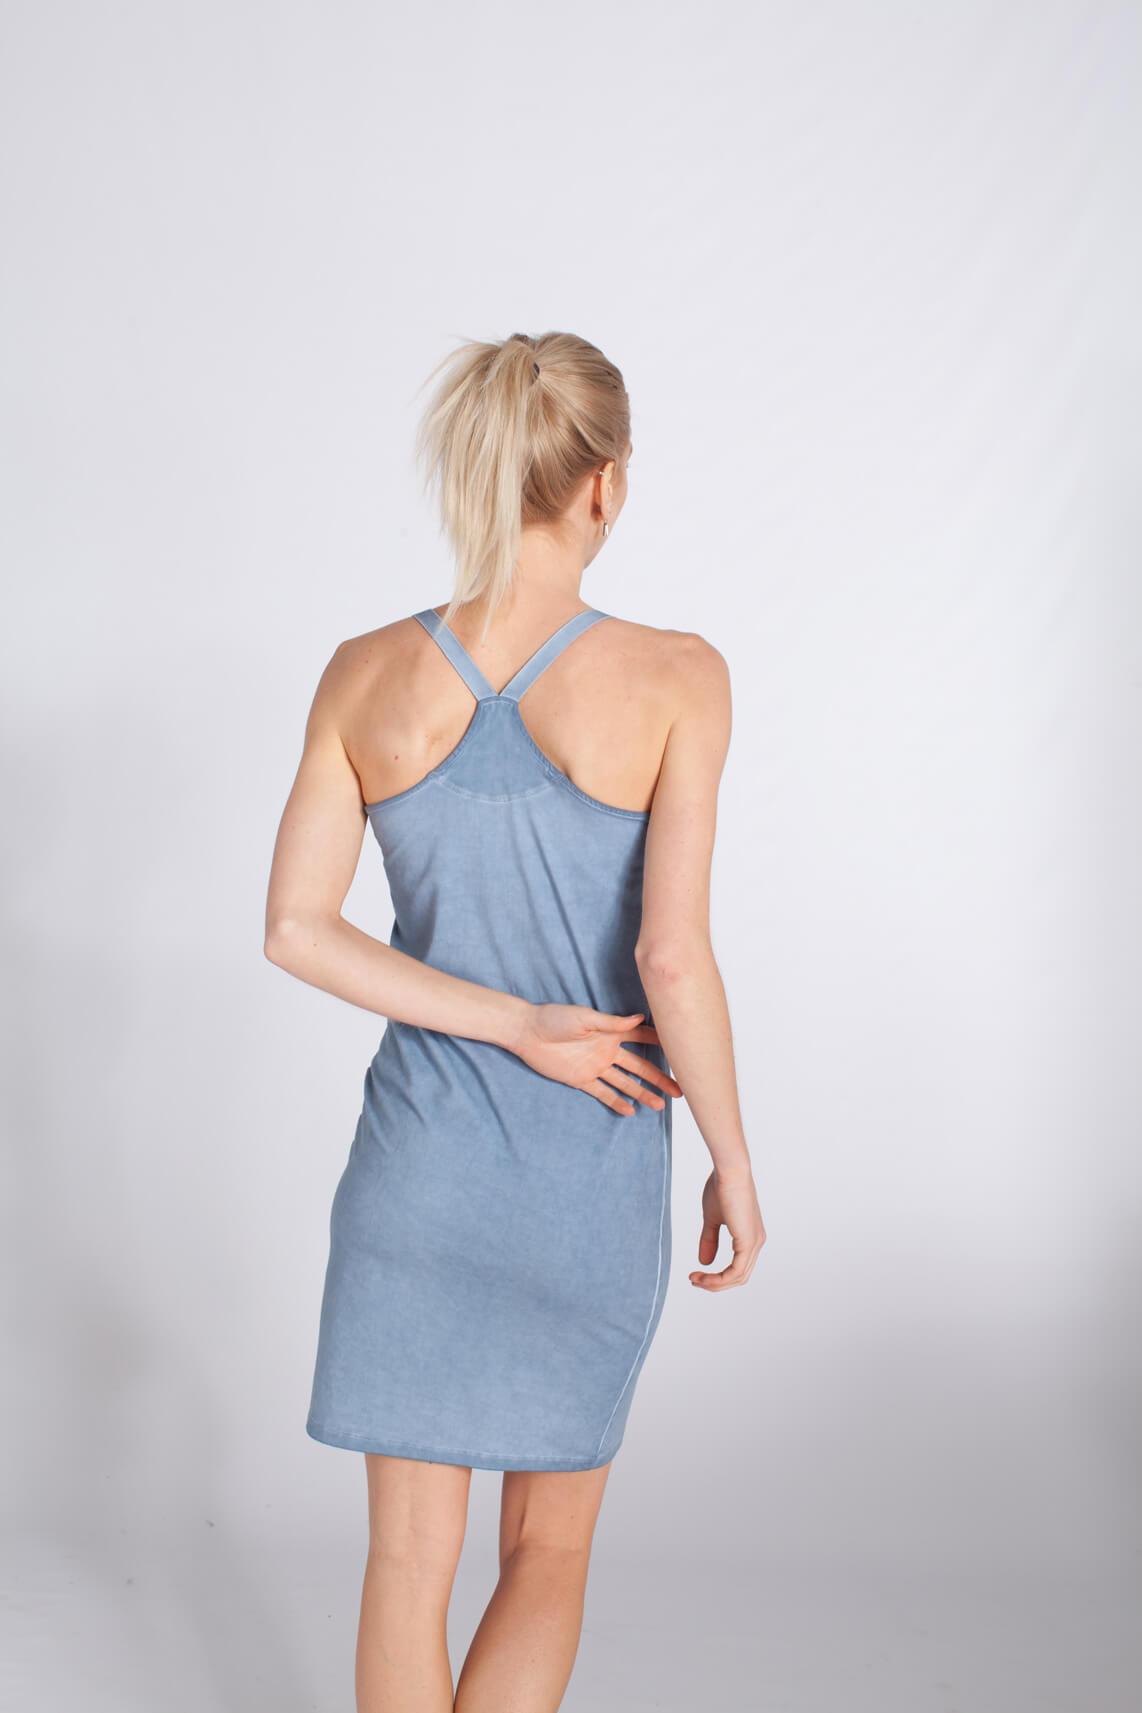 Anna Dames Garment dye verlengde top Blauw